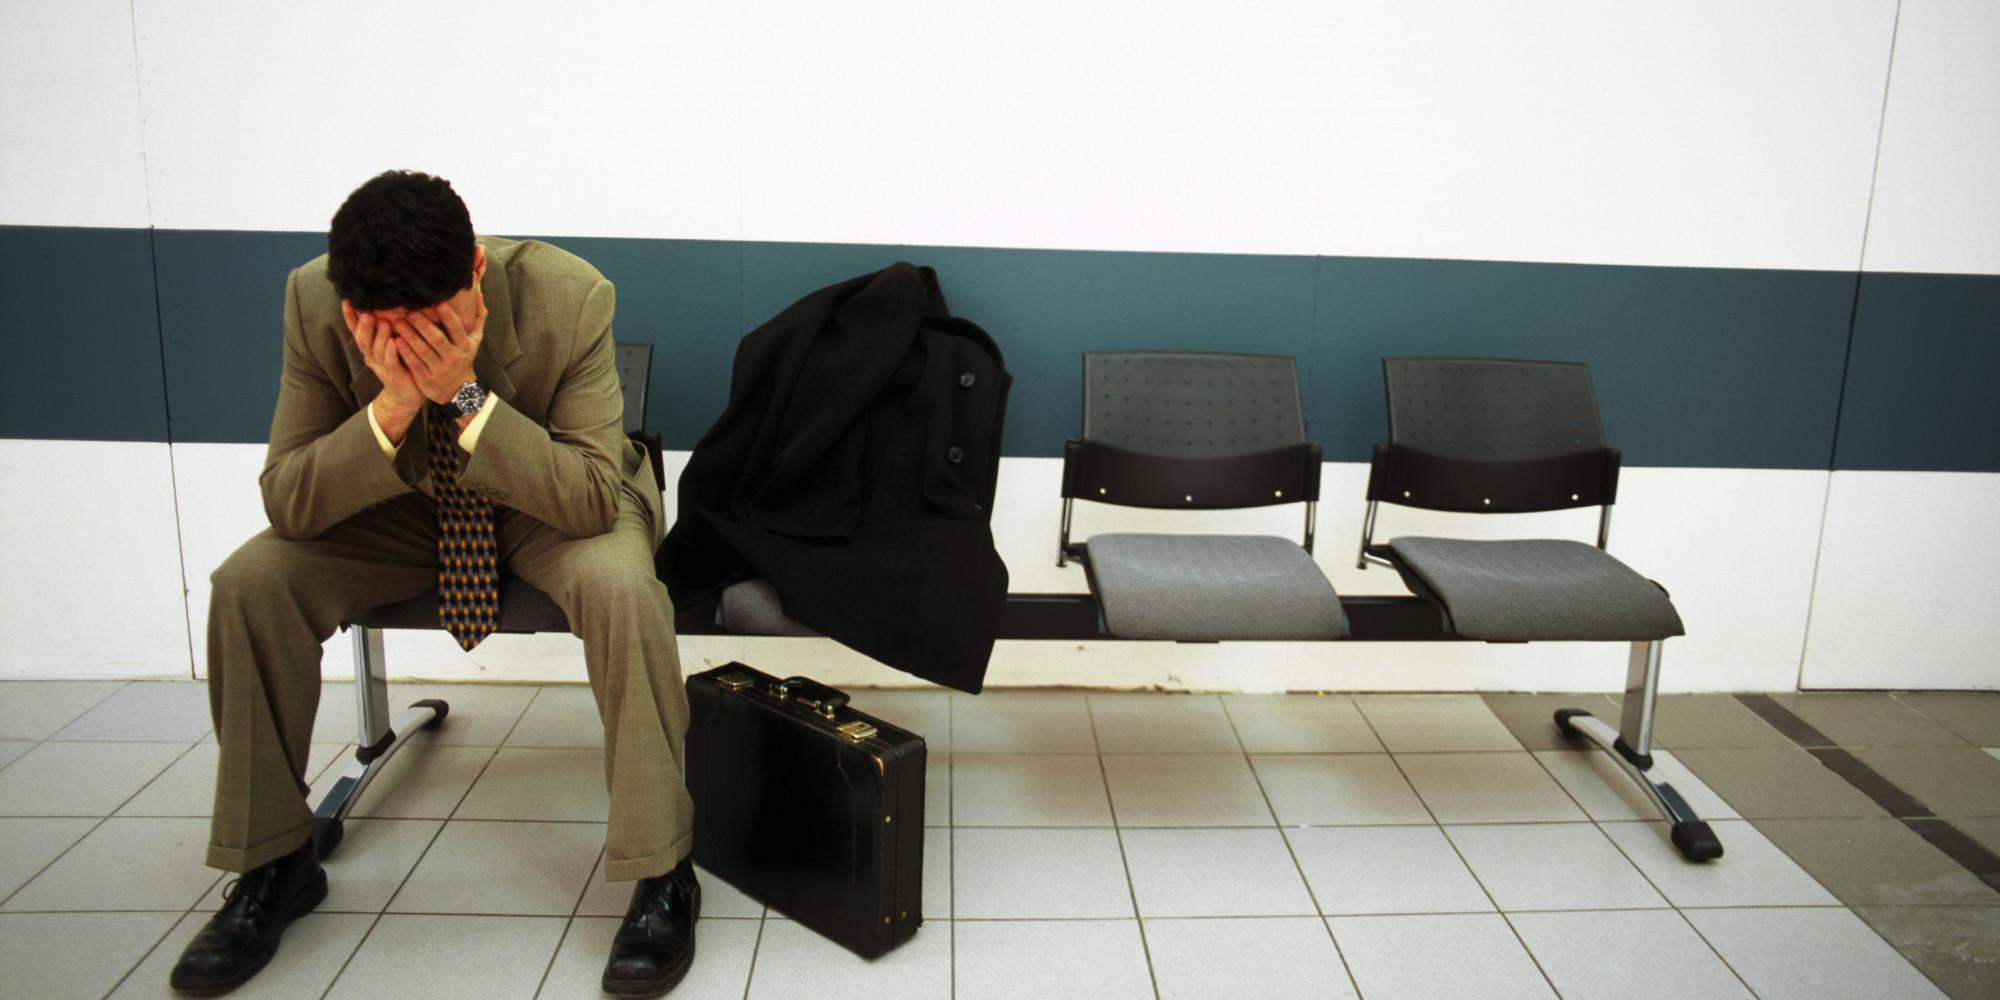 公務員もクビになる時代 どんな手続きを踏んでいるの?